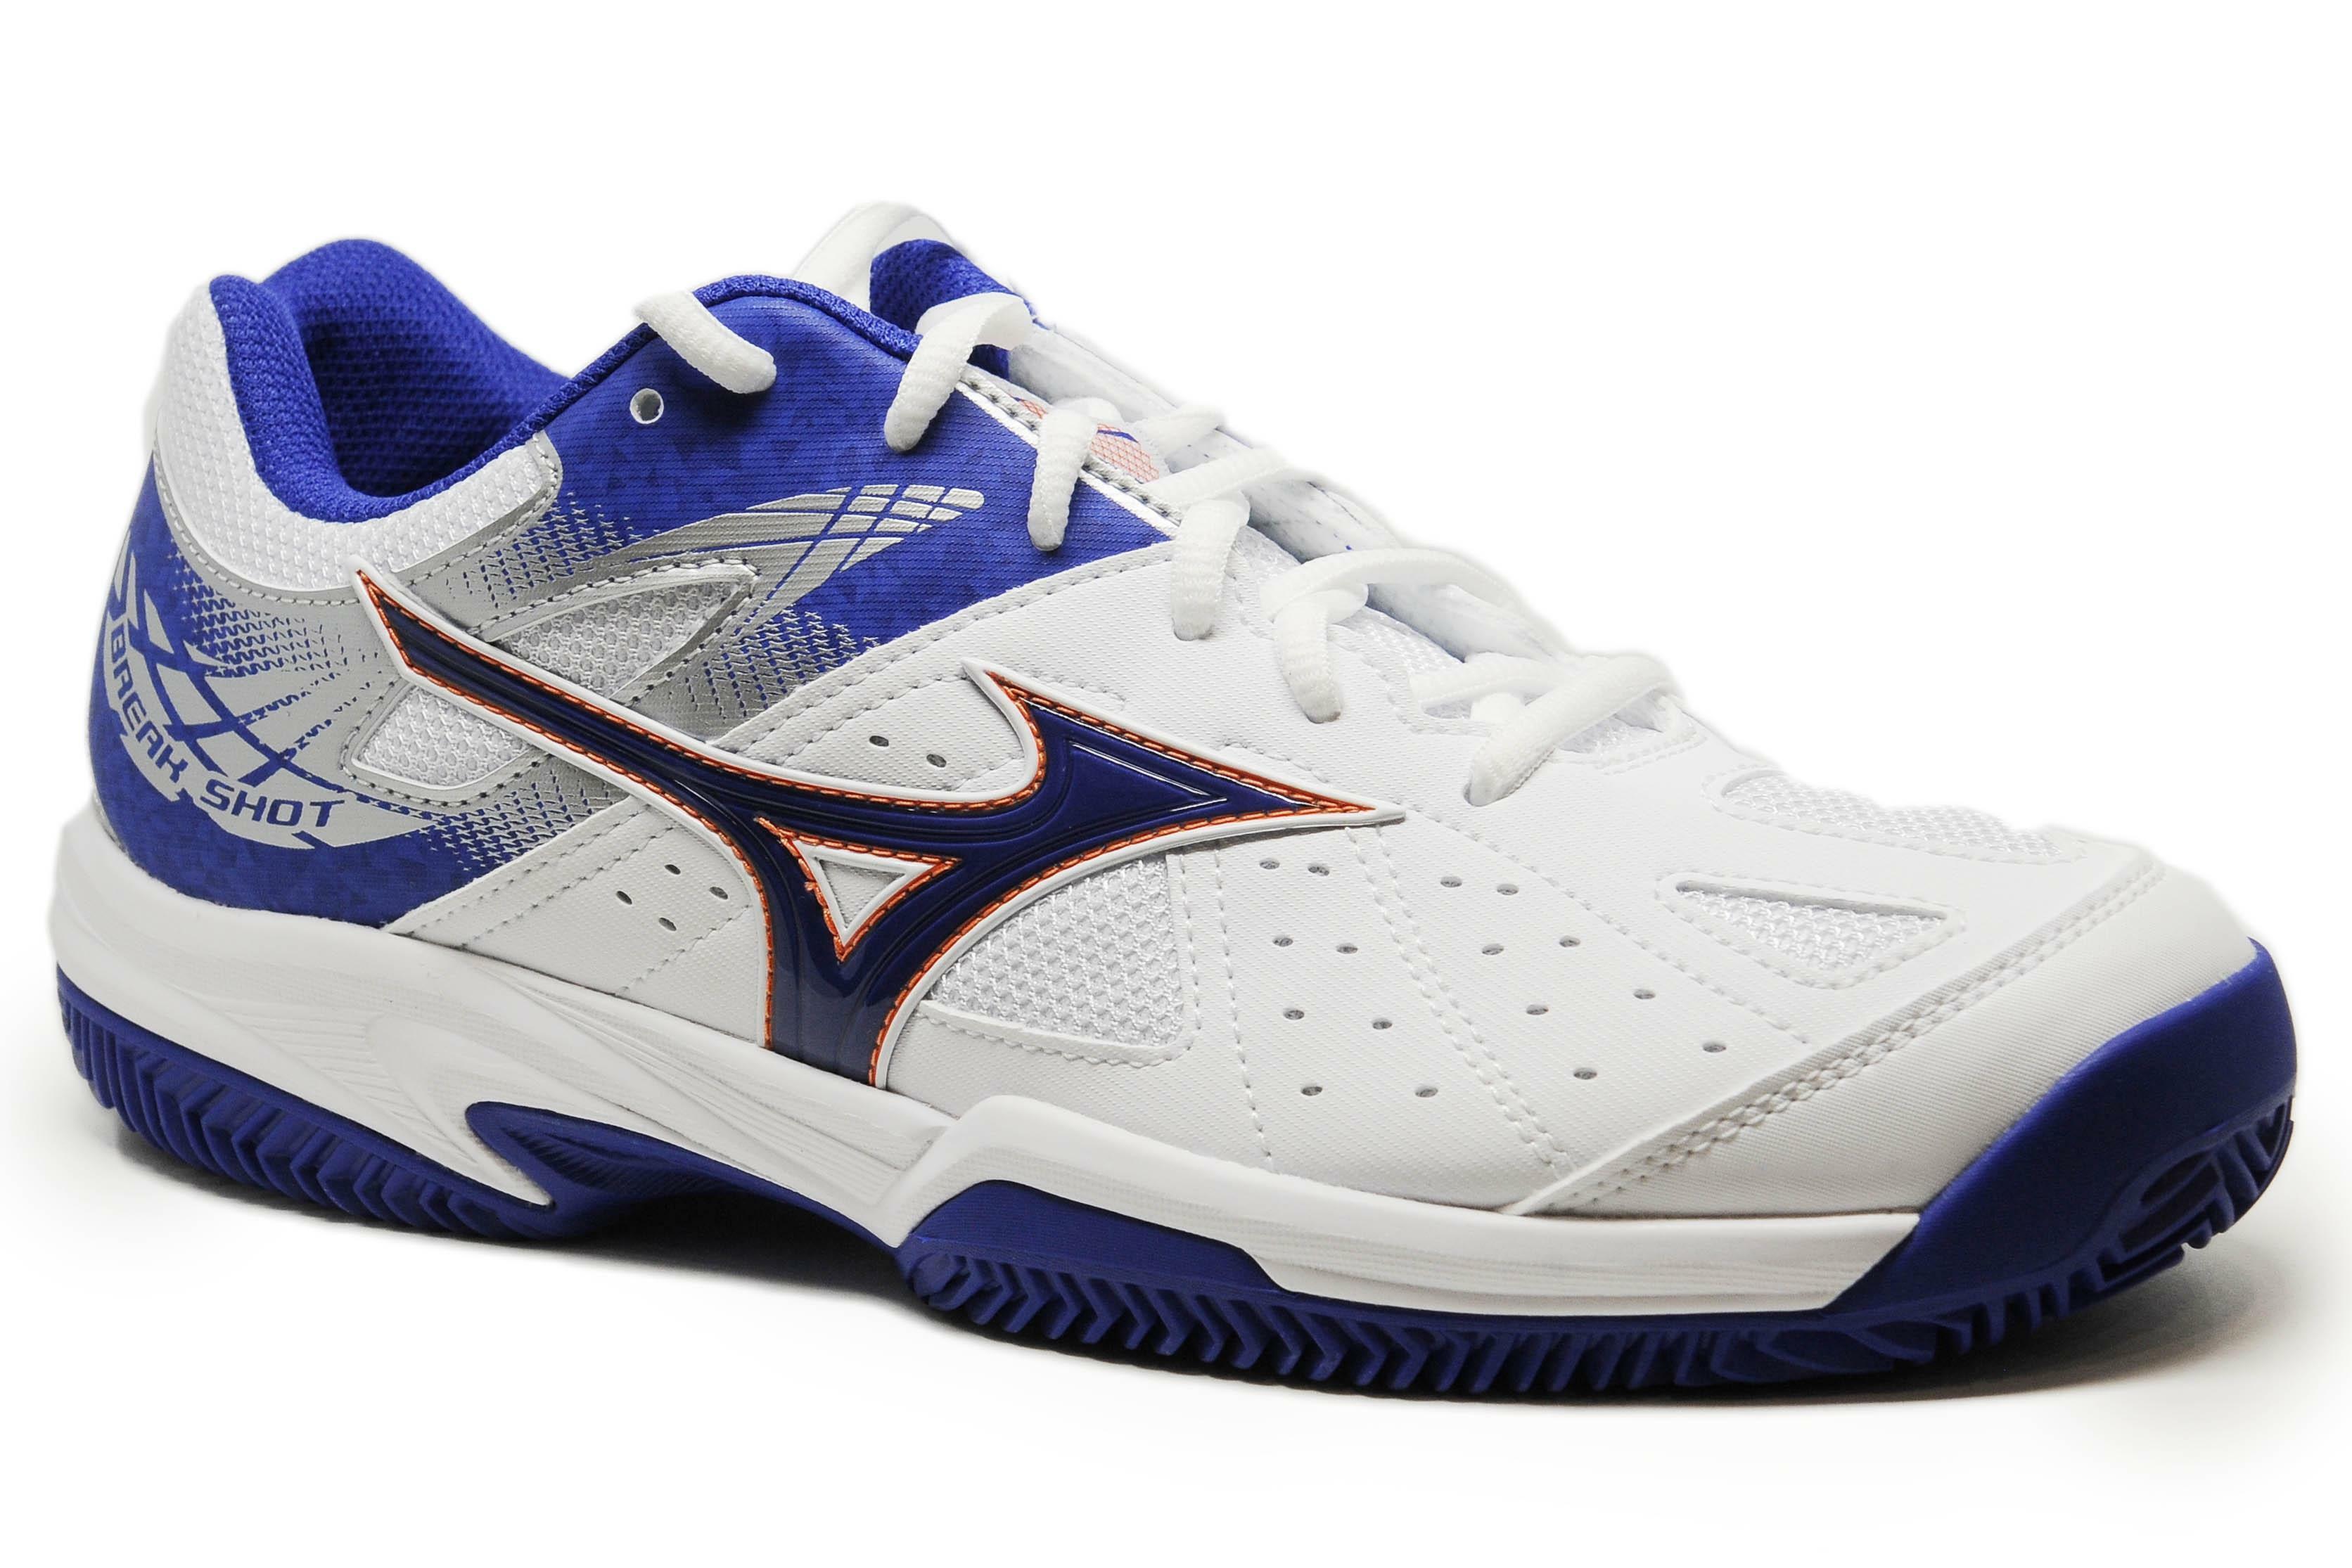 mizuno mizuno scarpa tennis break shot cc